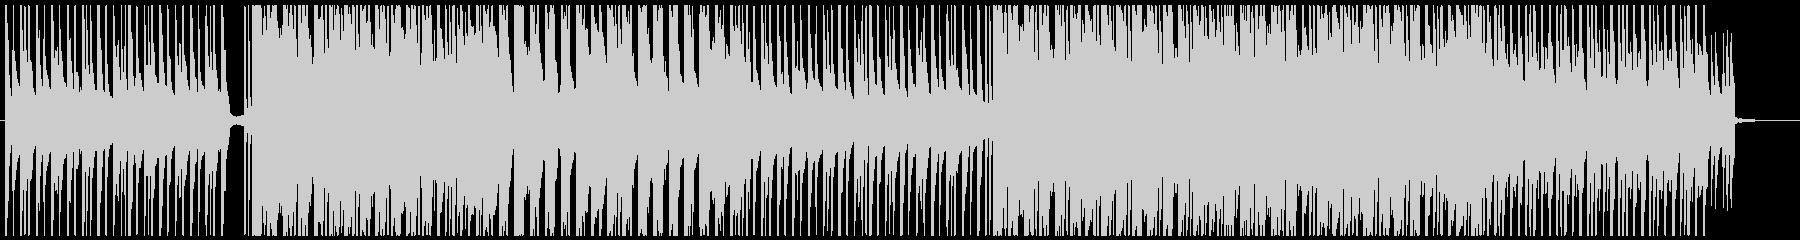 ポップインスト。音響的に明るい隆起...の未再生の波形